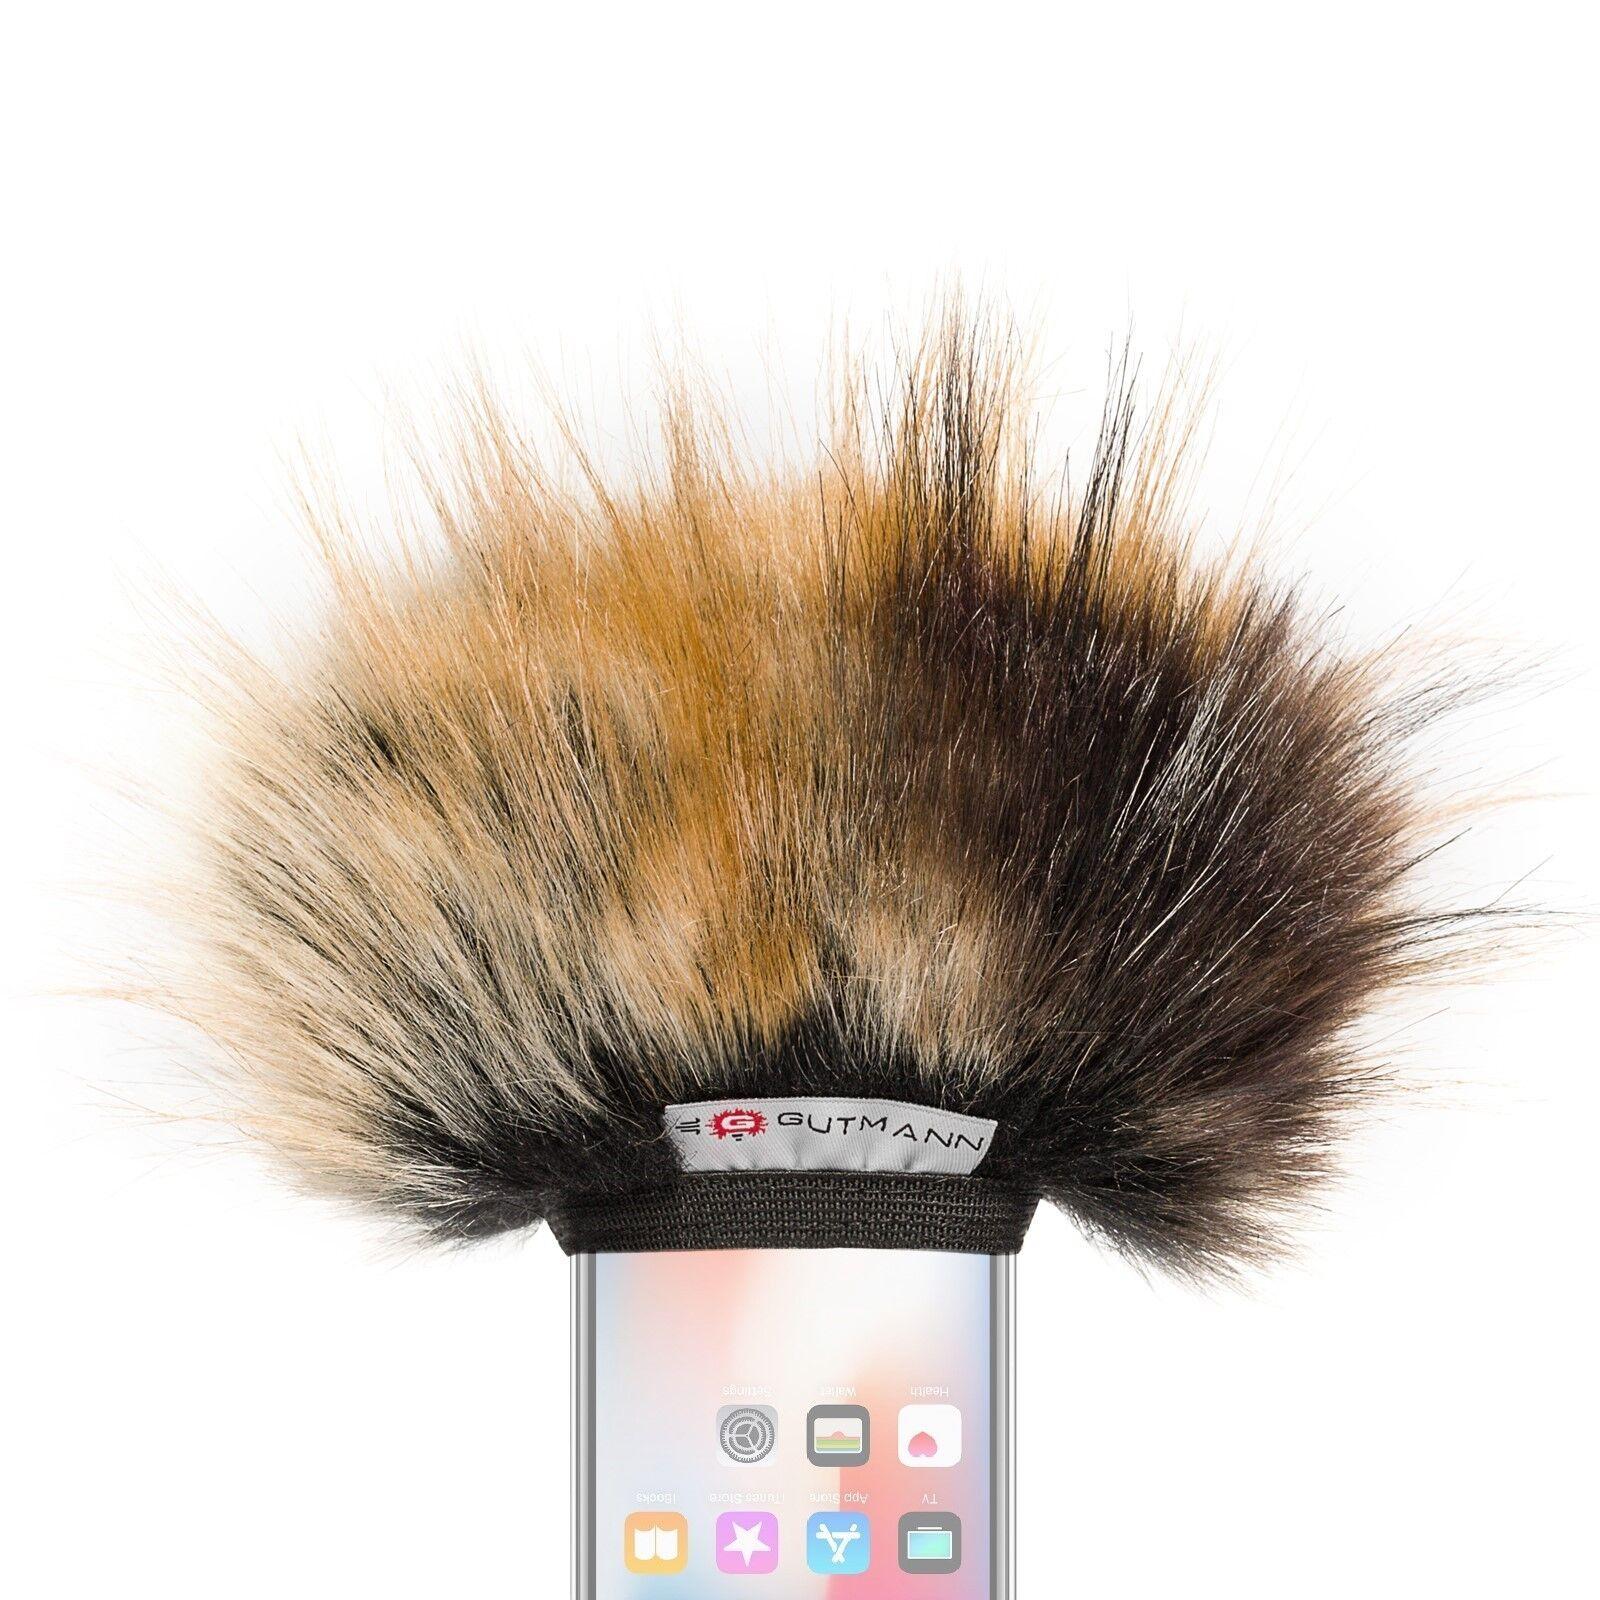 Gutmann Microfono Predezione Dal Vento per Apple Iphone x XS Max Premium Edition